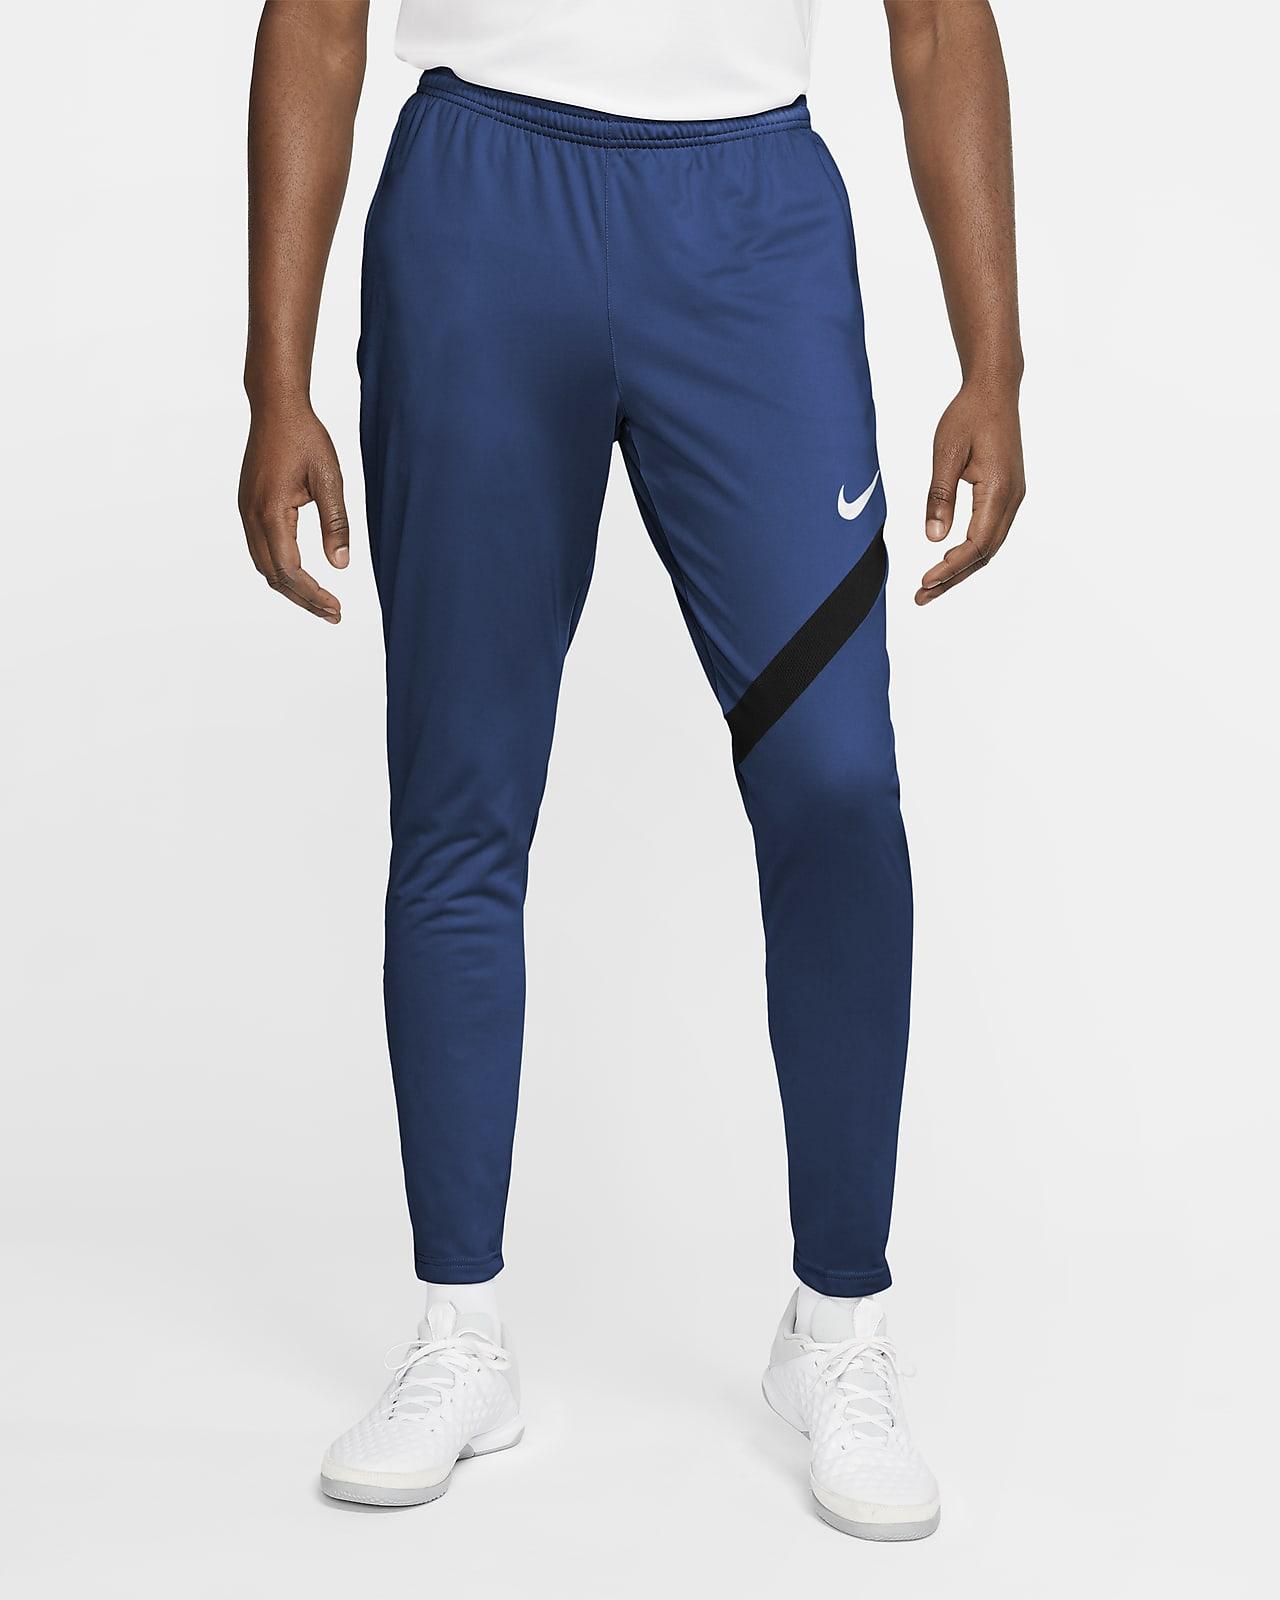 Fotbollsbyxor Nike Dri-FIT Academy Pro för män